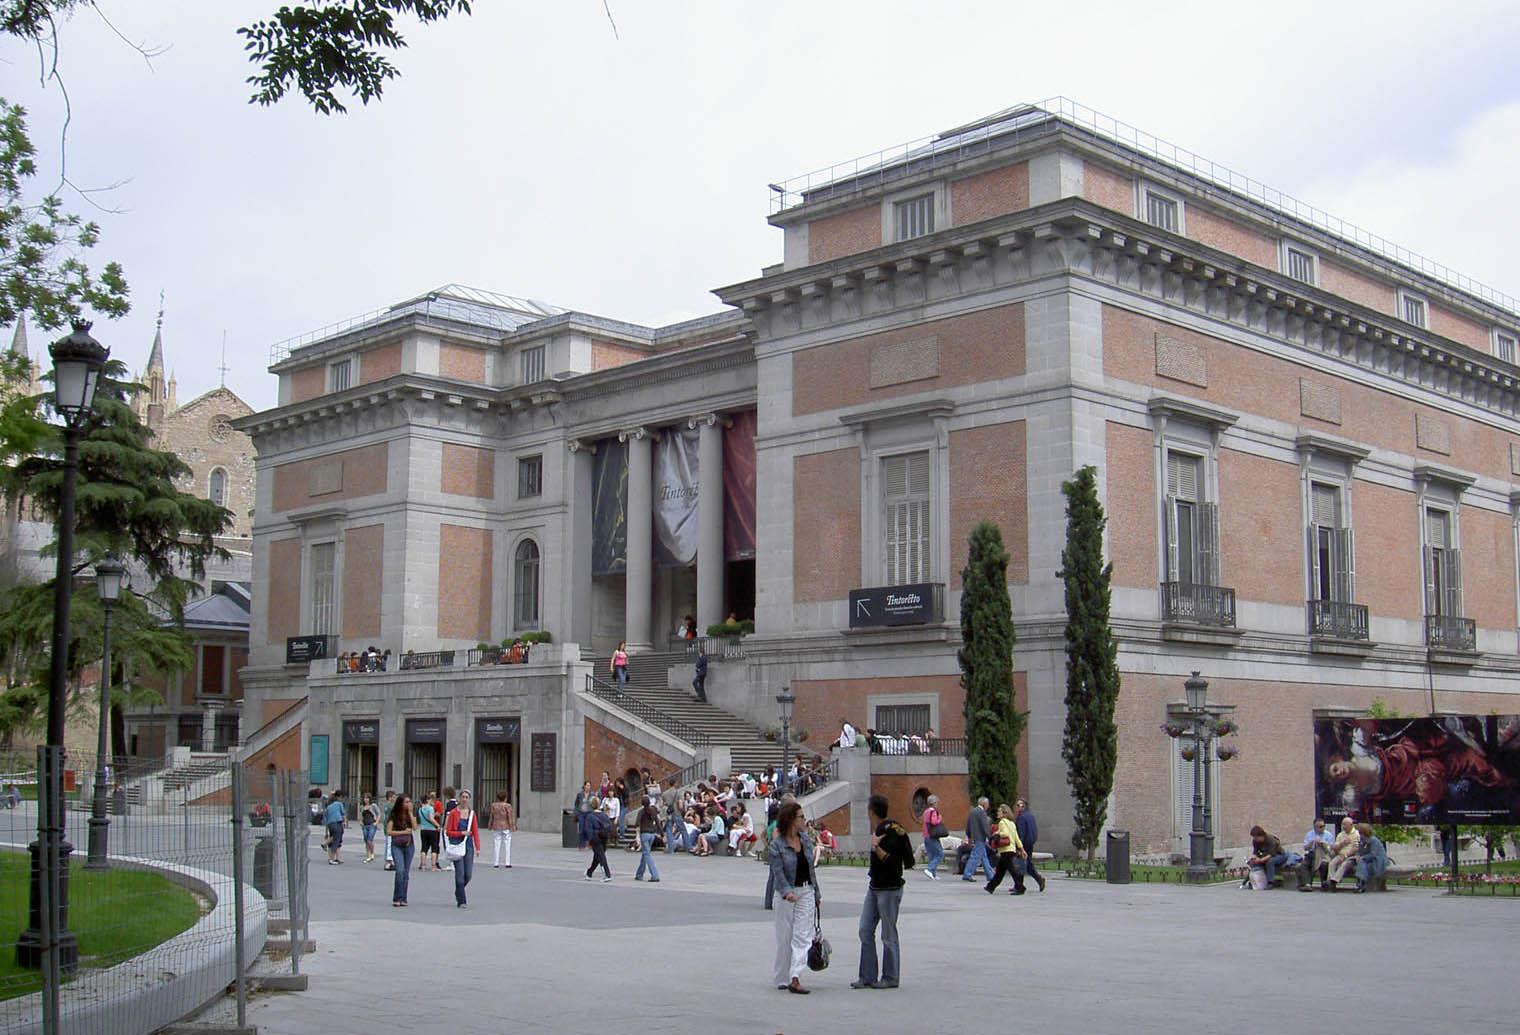 Venti musei pi 217 belli del mondo uffizi al 1 176 posto per il times